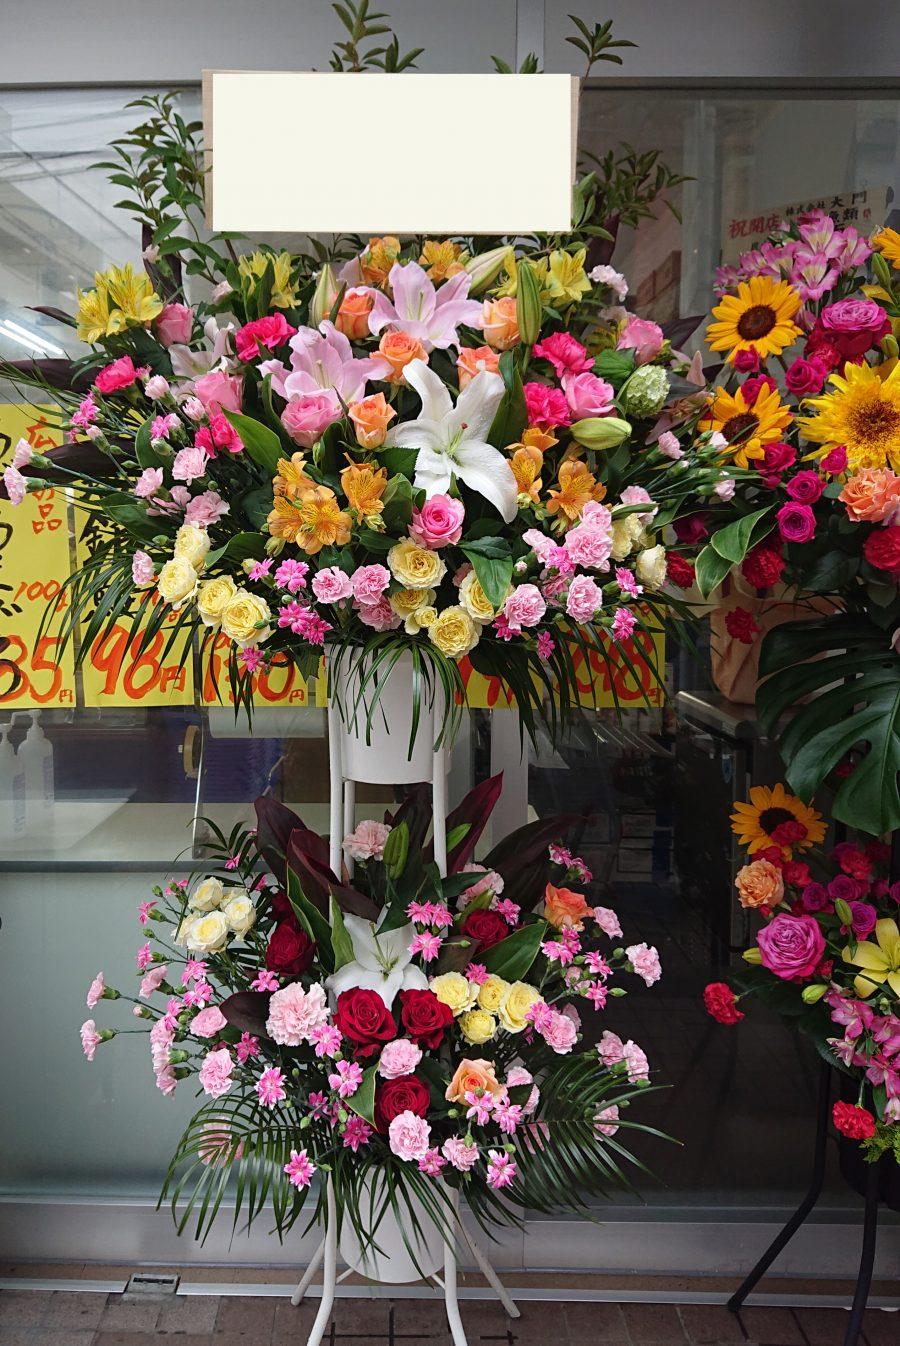 スタンド花 開店祝い 御祝い 北千住 足立区 花屋 ハナユエ